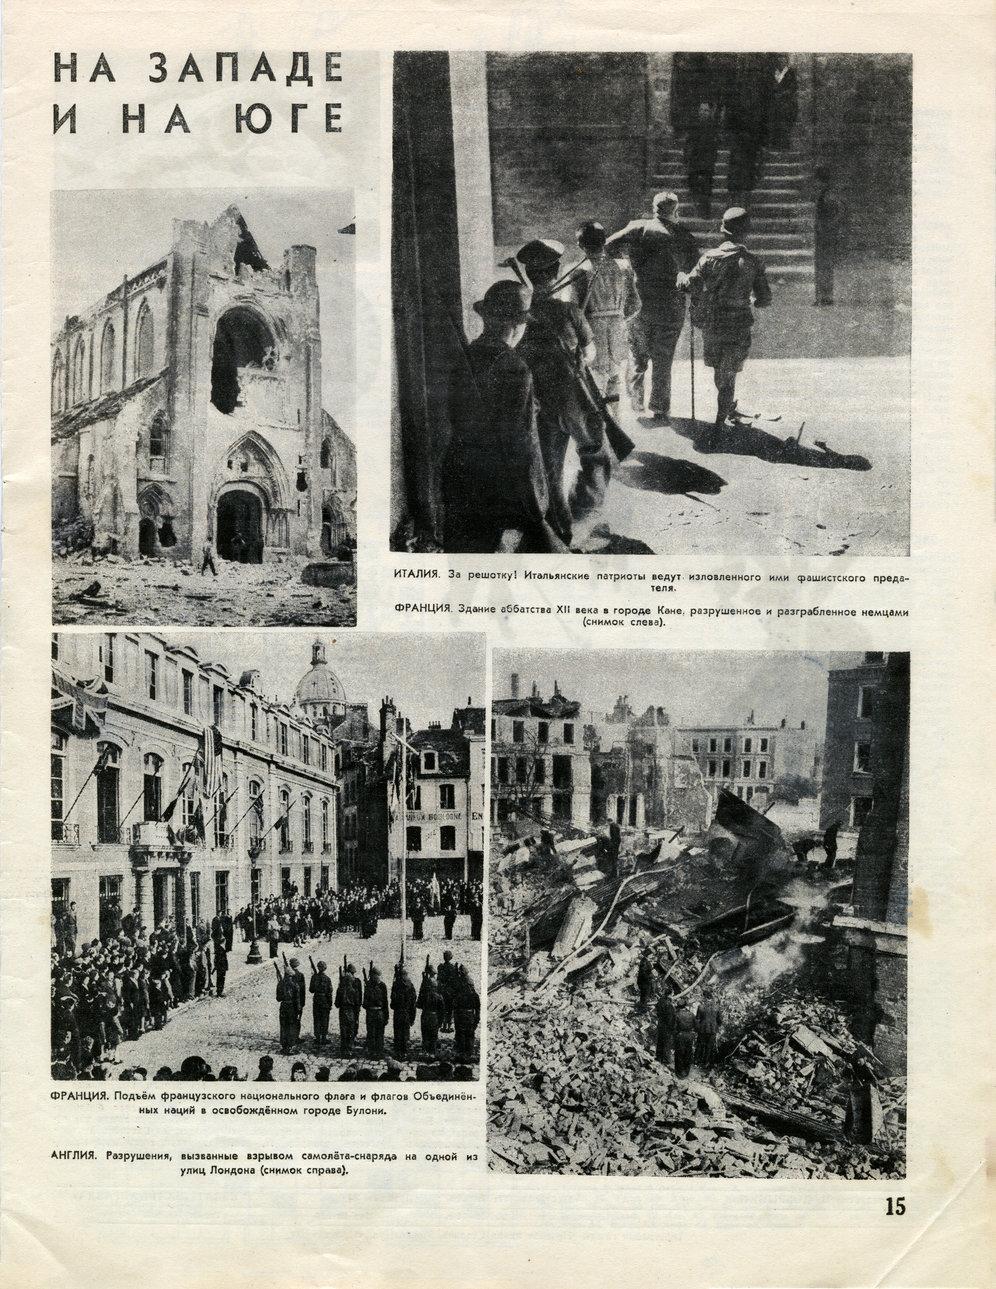 Огонёк 1944 № 48–49 / 5